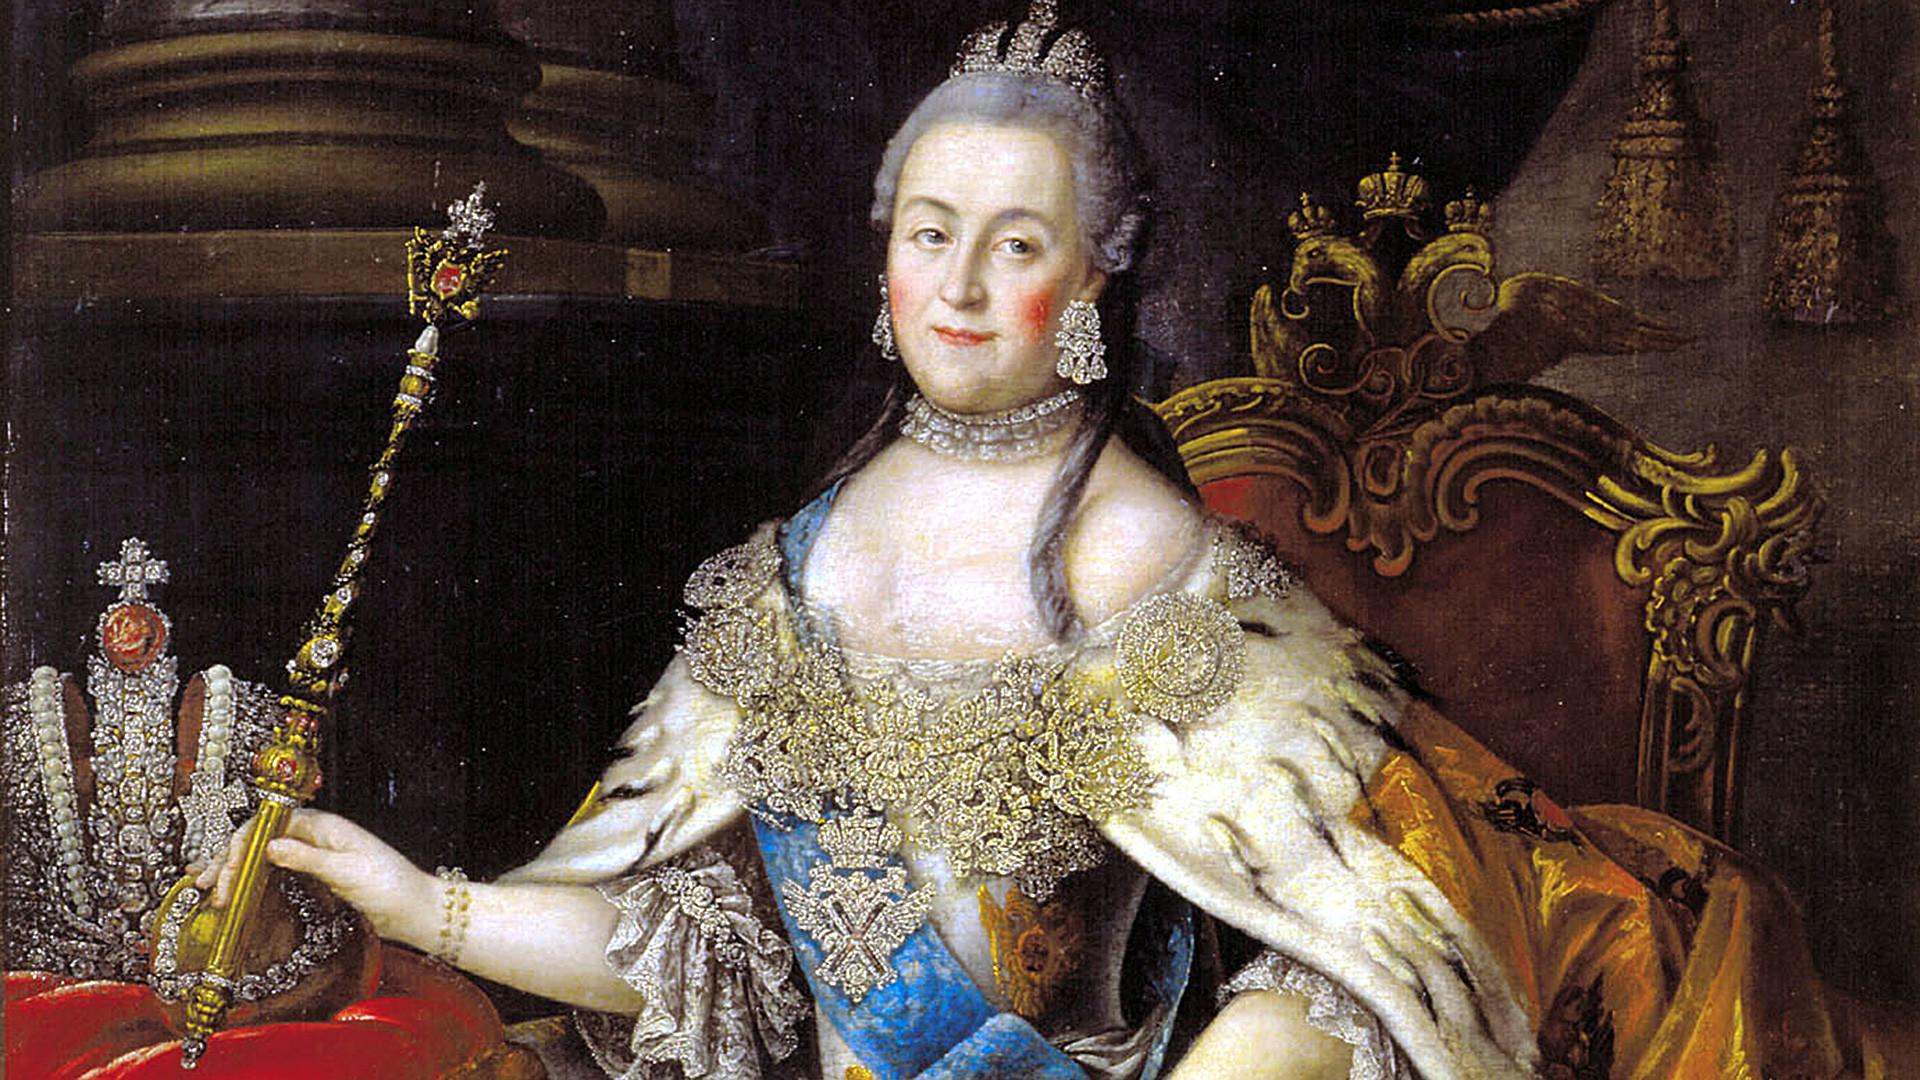 Императорка Катарина Друга, Алексеј Антропов.